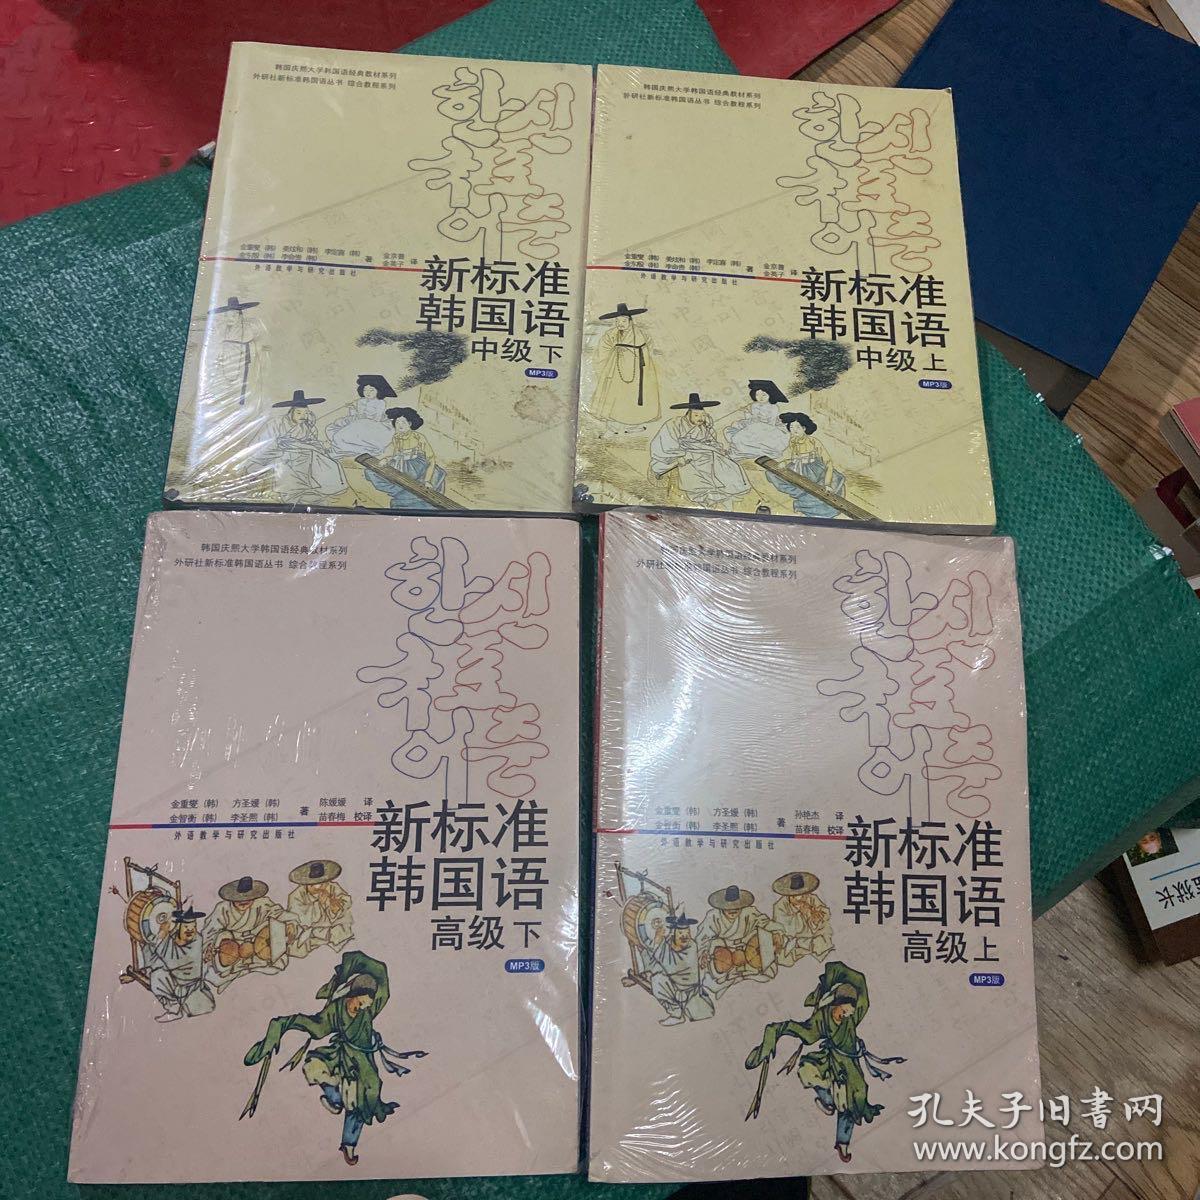 新标准韩国语(中级 上下)+ 新标准韩国语(高级 上下)4册 全新未拆封